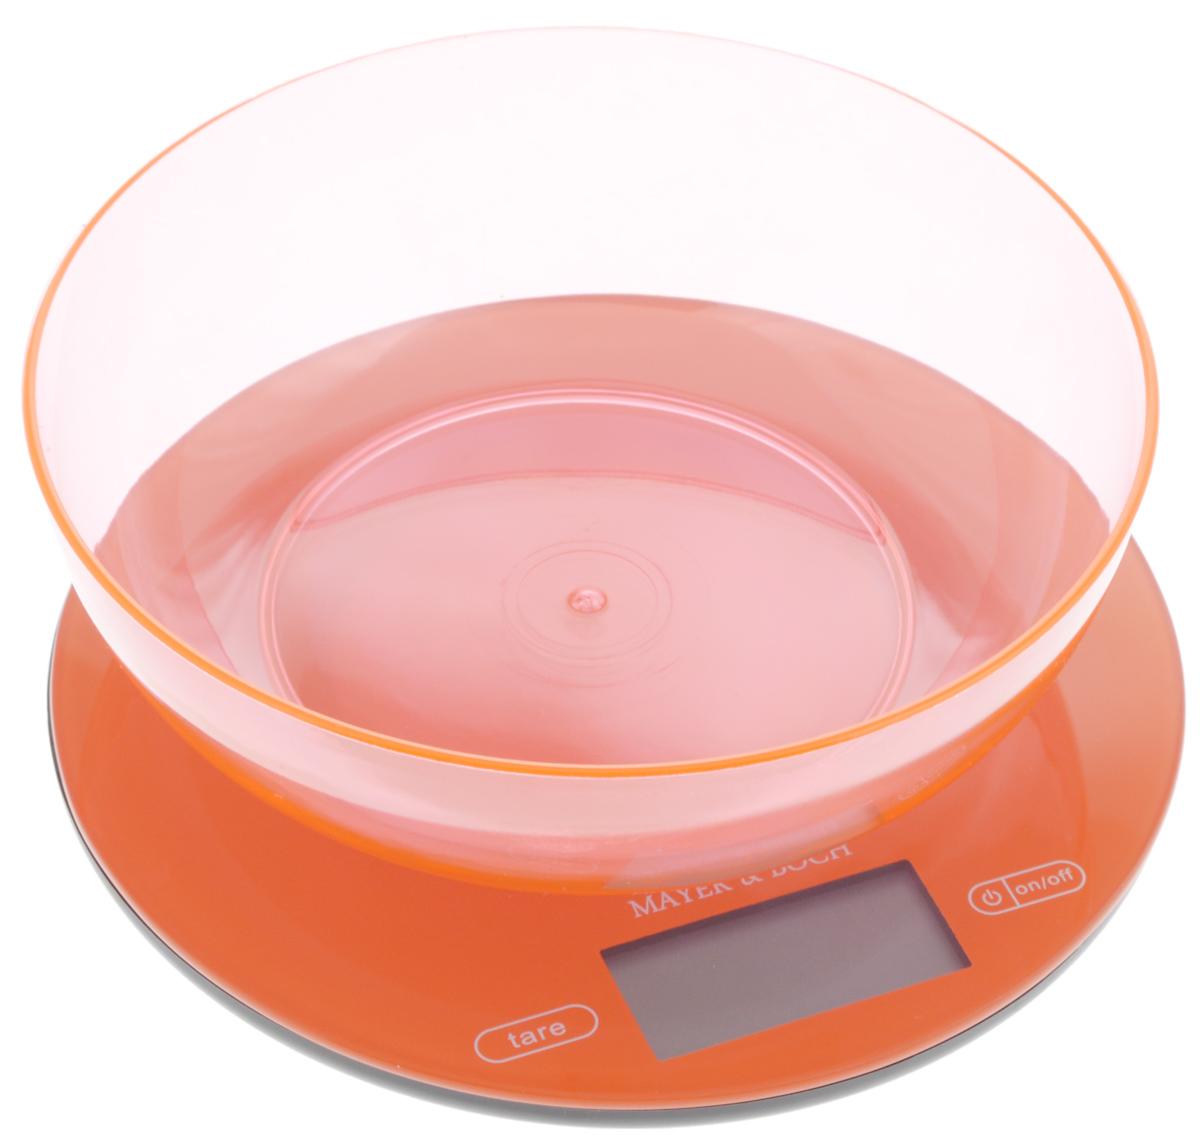 Весы кухонные Mayer & Bosh, с чашей, цвет: оранжевый, до 5 кг. 1095810958Кухонные весы Mayer & Boch изготовлены из высококачественного пластика. Изделие оснащено акриловой панелью и съемной чашей. Весы имеют цифровой LCD-дисплей с функцией автоматического отключения и тарокомпенсации, а также мощный процессор и тензометрический датчик высокой прочности. На корпусе расположены кнопки управления: кнопка включения/отключения и обнуления веса - On/Off и Tare. Кухонные весы Mayer & Boch пригодятся на любой кухне и станут прекрасным дополнением к набору вашей мелкой бытовой техники. Используя их, вы сможете готовить блюда, точно следуя предложенной рецептуре, что немаловажно при приготовлении сложных блюд, соусов и выпечки. Оригинальные, с ярким дизайном, такие весы украсят любую кухню и принесут радость каждой хозяйке. Нагрузка: 2 - 5000 г. Питание: ААА х 2 (входят в комплект). Размер весов: 20 х 20 х 1,5 см. Размер чаши: 19 х 19 х 6 см.